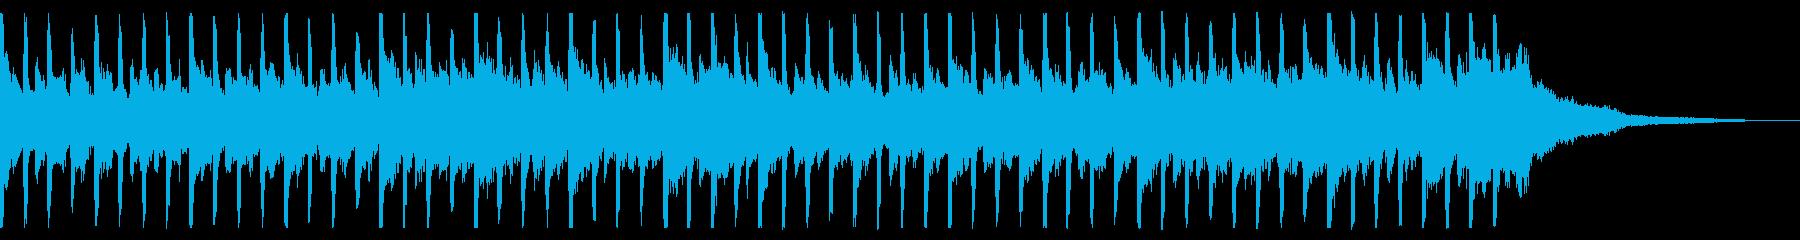 爽やか、企業VP、ピアノ、ギターcの再生済みの波形